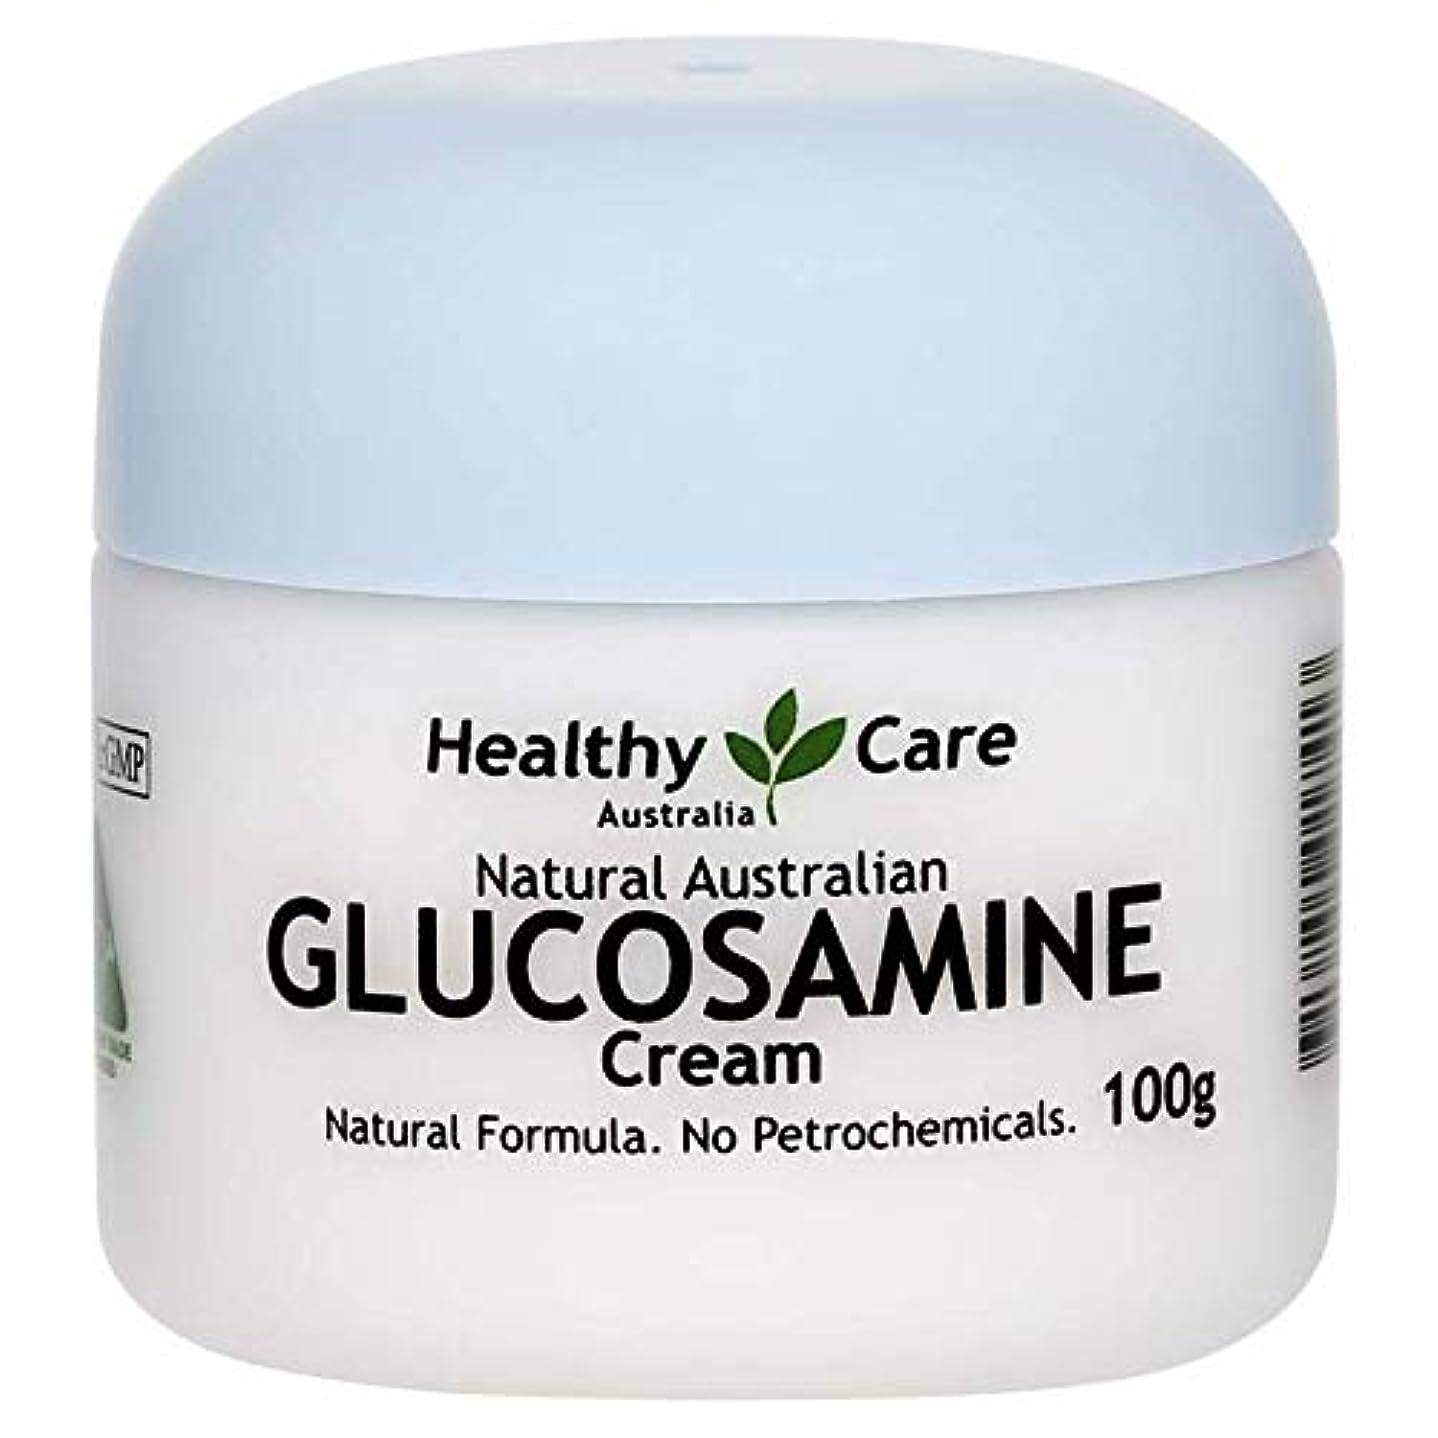 野球子豚稚魚[Healthy Care] グルコサミンクリーム お肌に潤い しなやかさを (GLUCOSAMINE CREAM) 100g 【海外直送品】